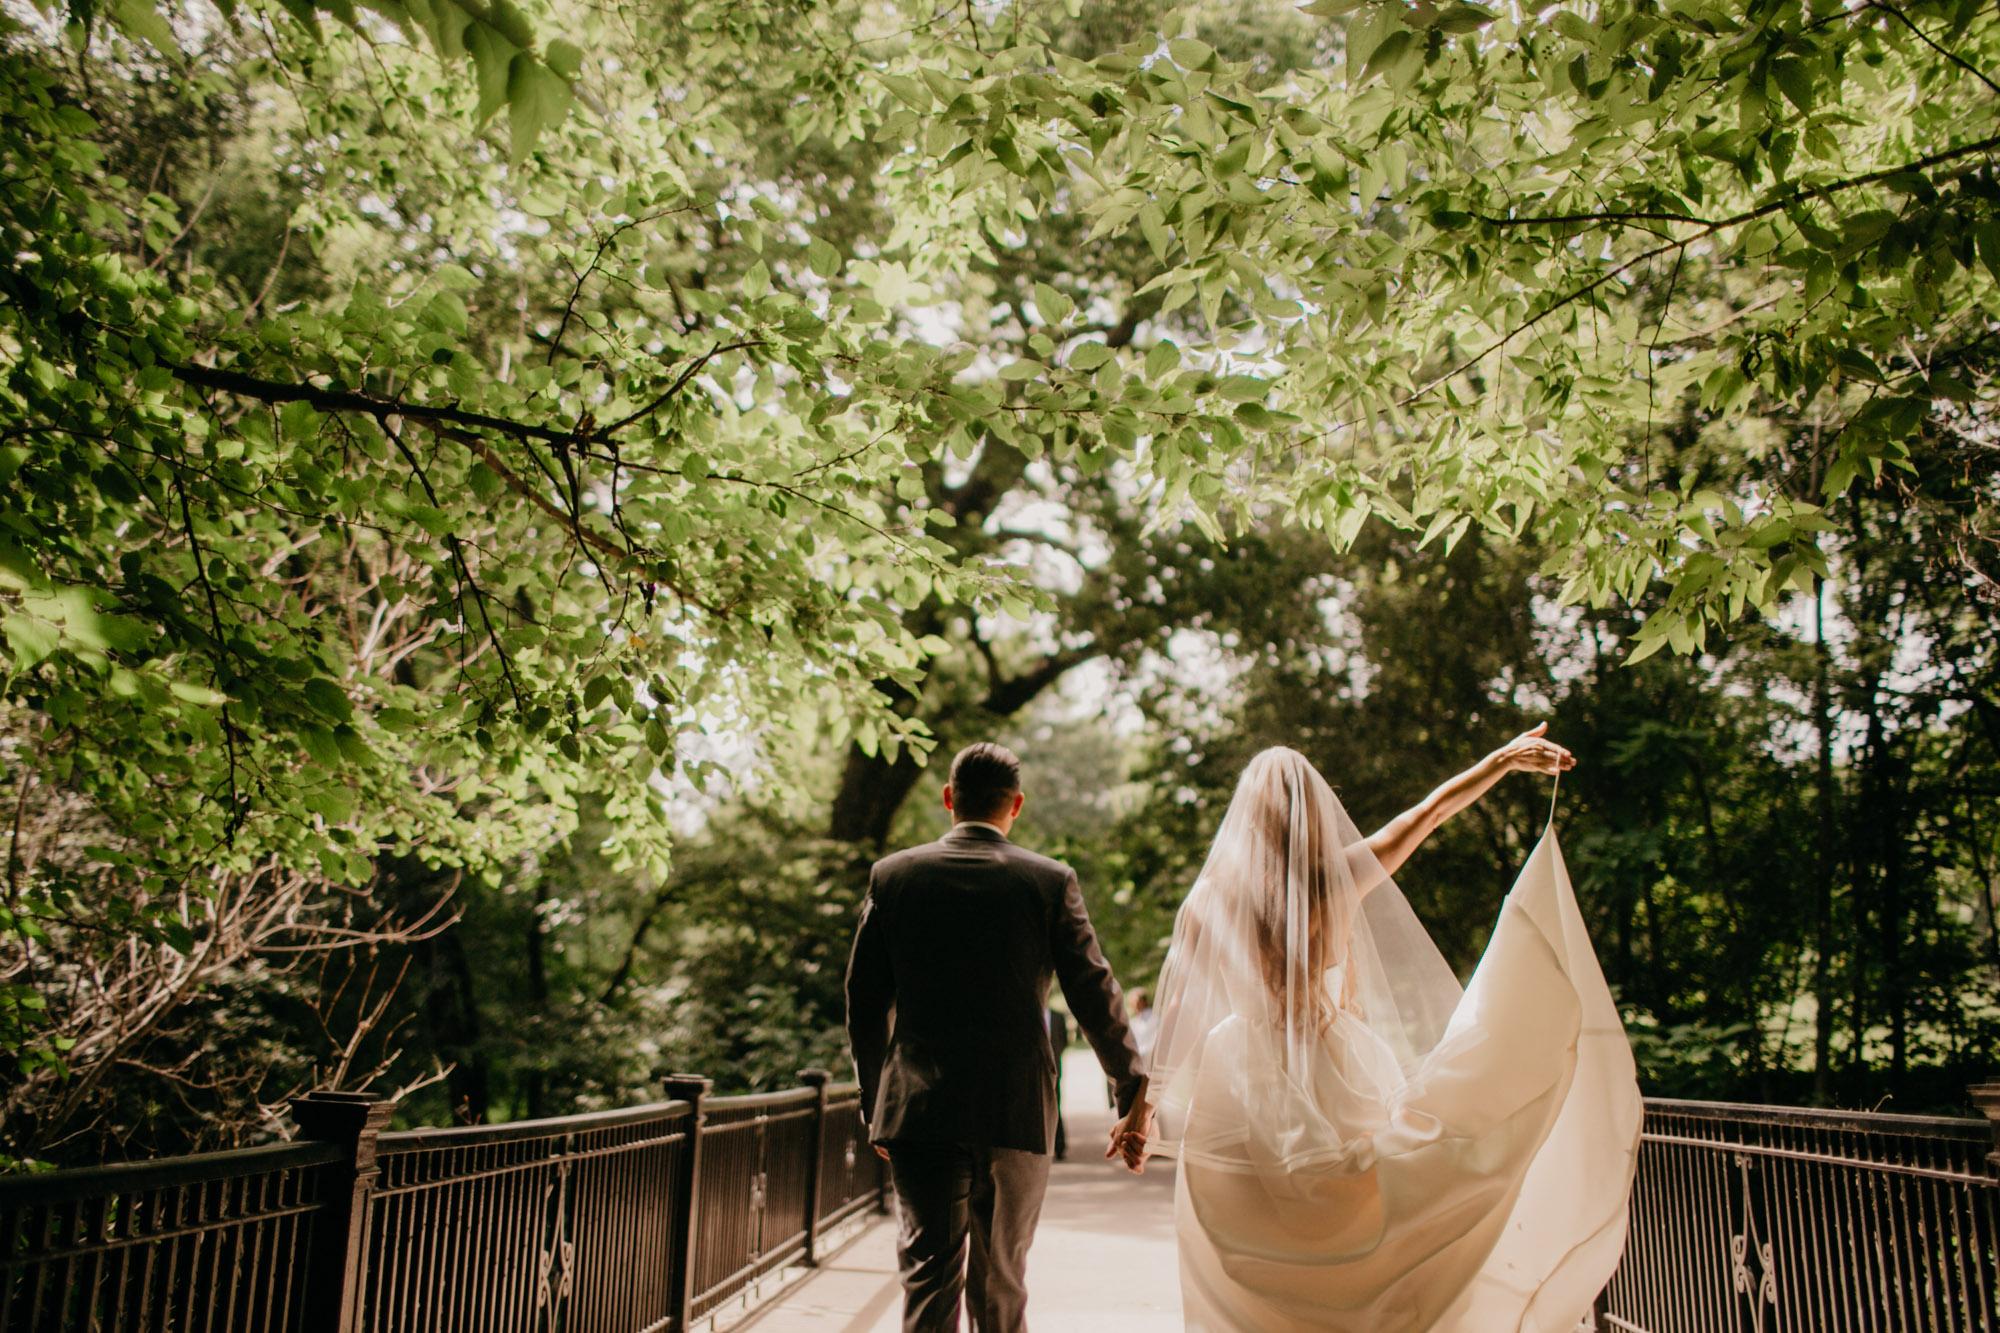 elmwood-park-wedding-photographer-nicole-jon-13.jpg